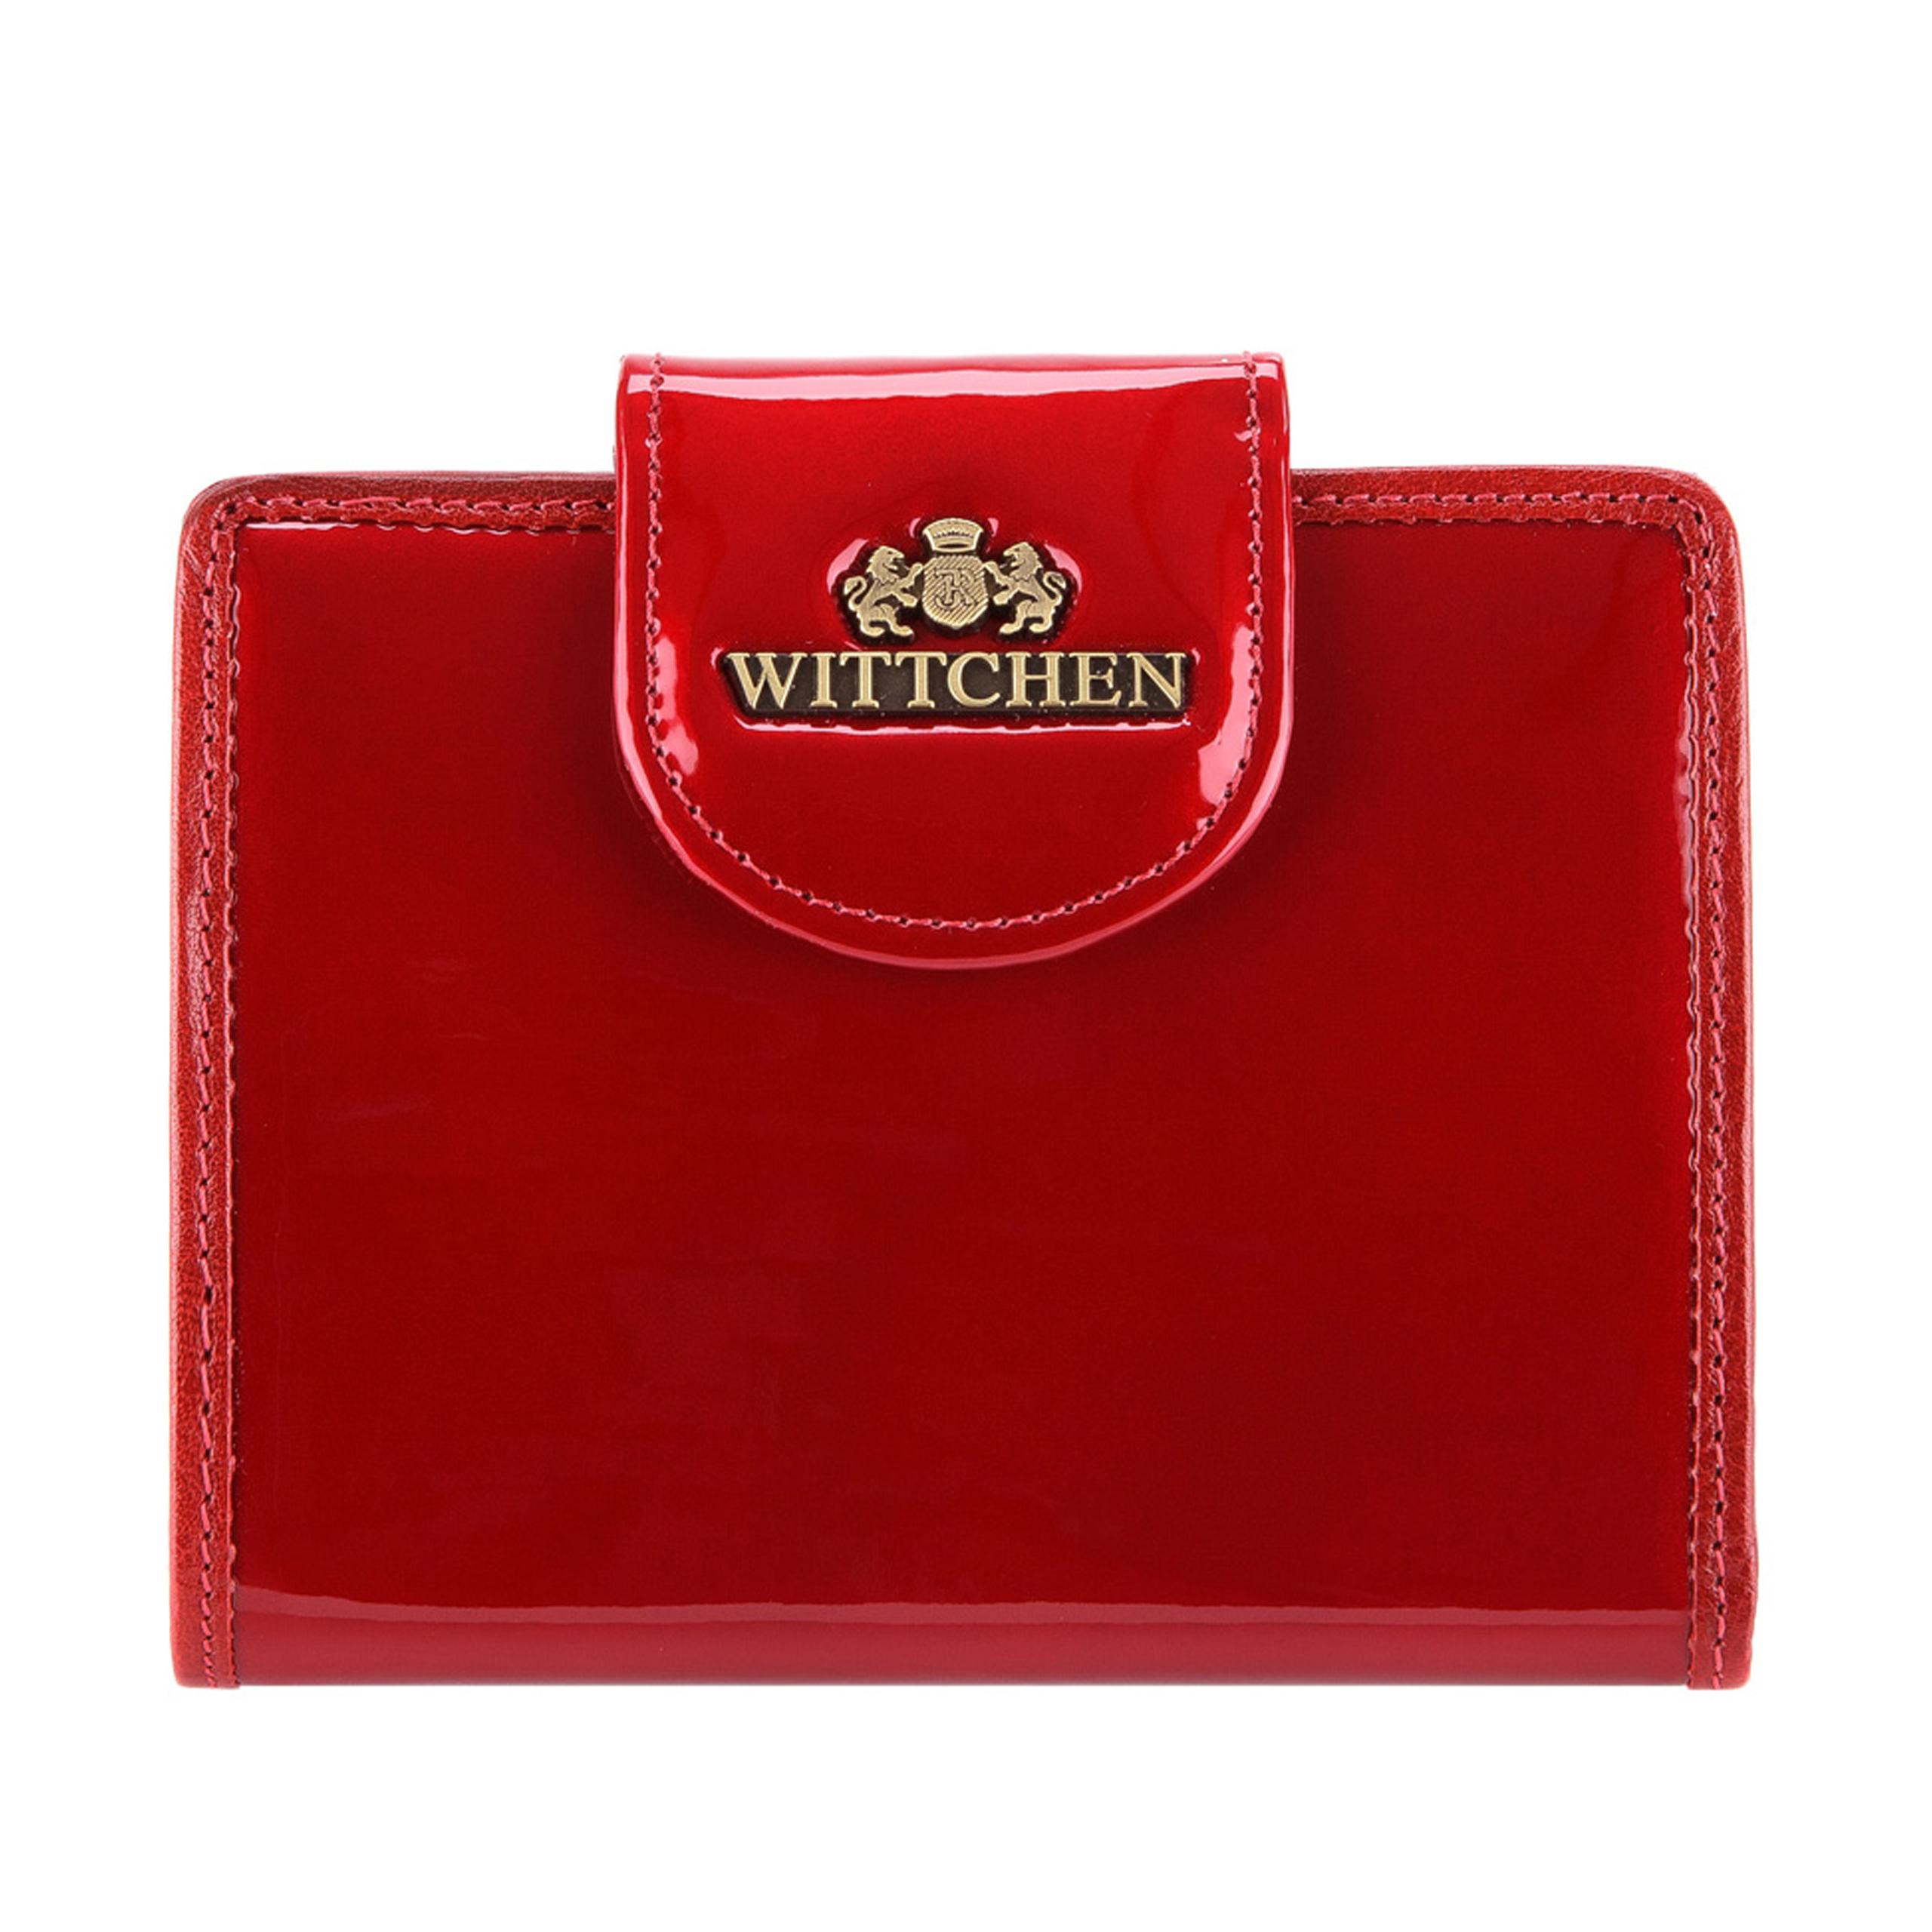 6f5a60fa007dd New Line - Portfel Wittchen Verona damski 25-1-362-3 czerwony ...